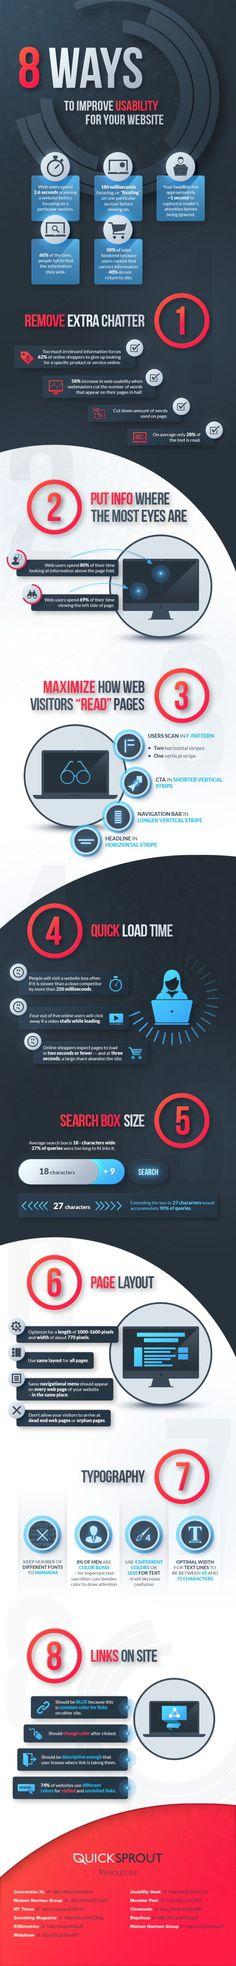 Utilisabilité : 8 manières d'améliorer l'ergonomie de votre site web #usability